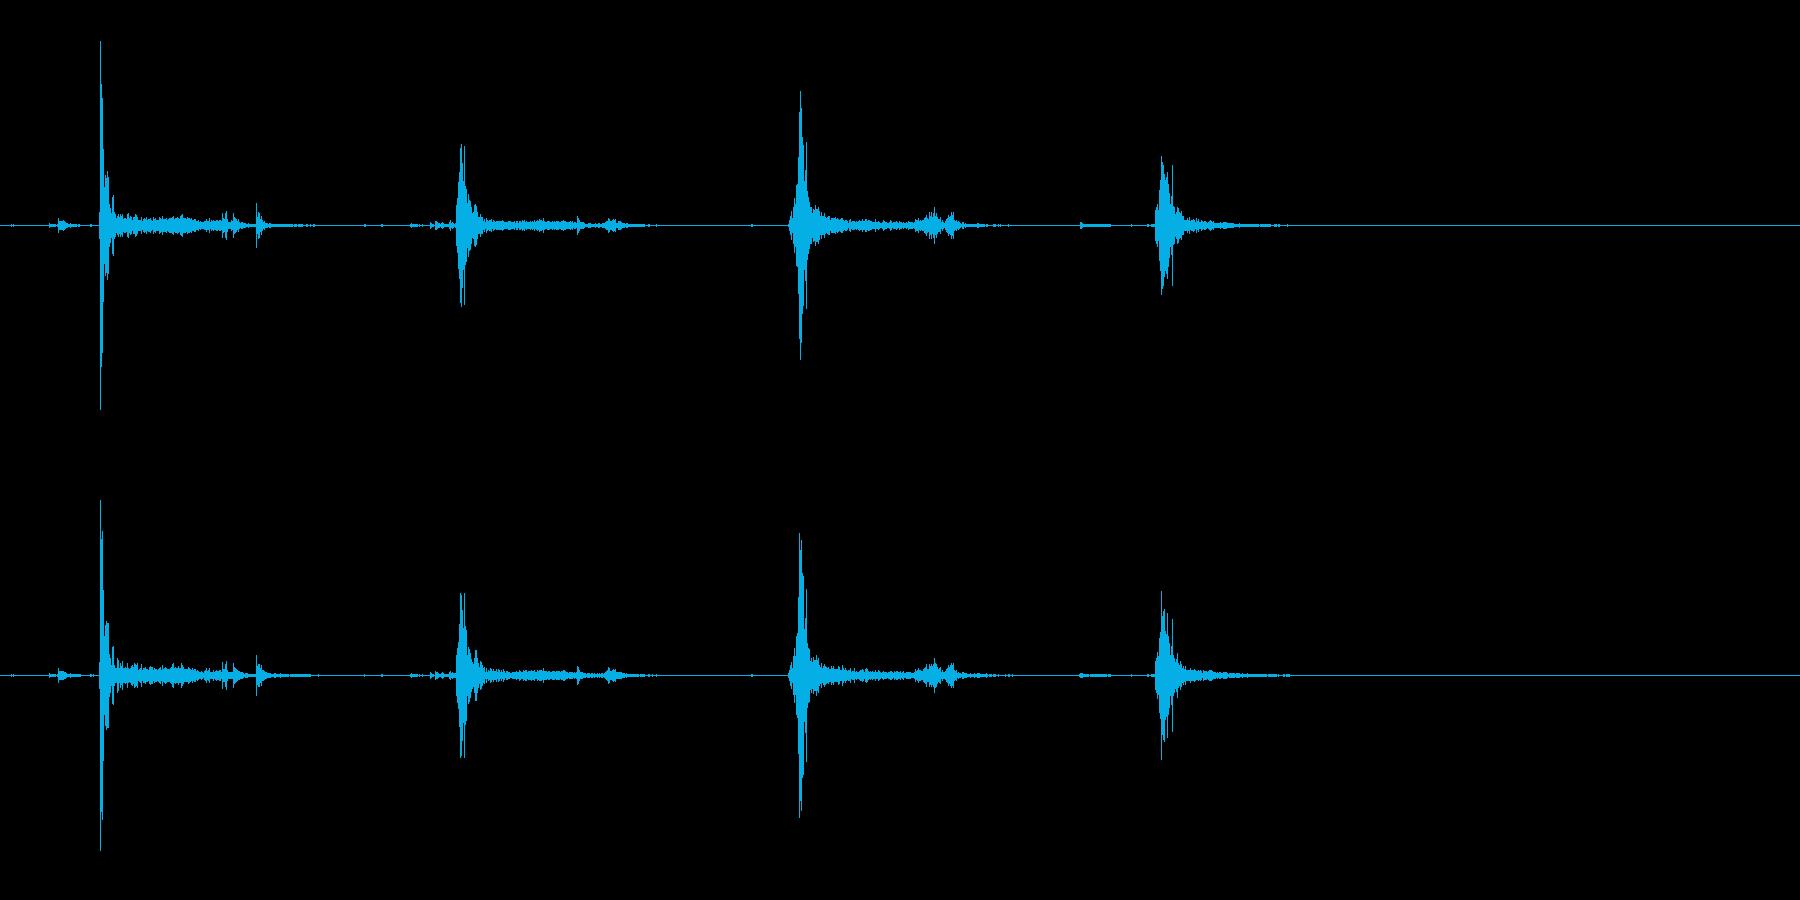 [生録音]カードをシャッフルする02の再生済みの波形